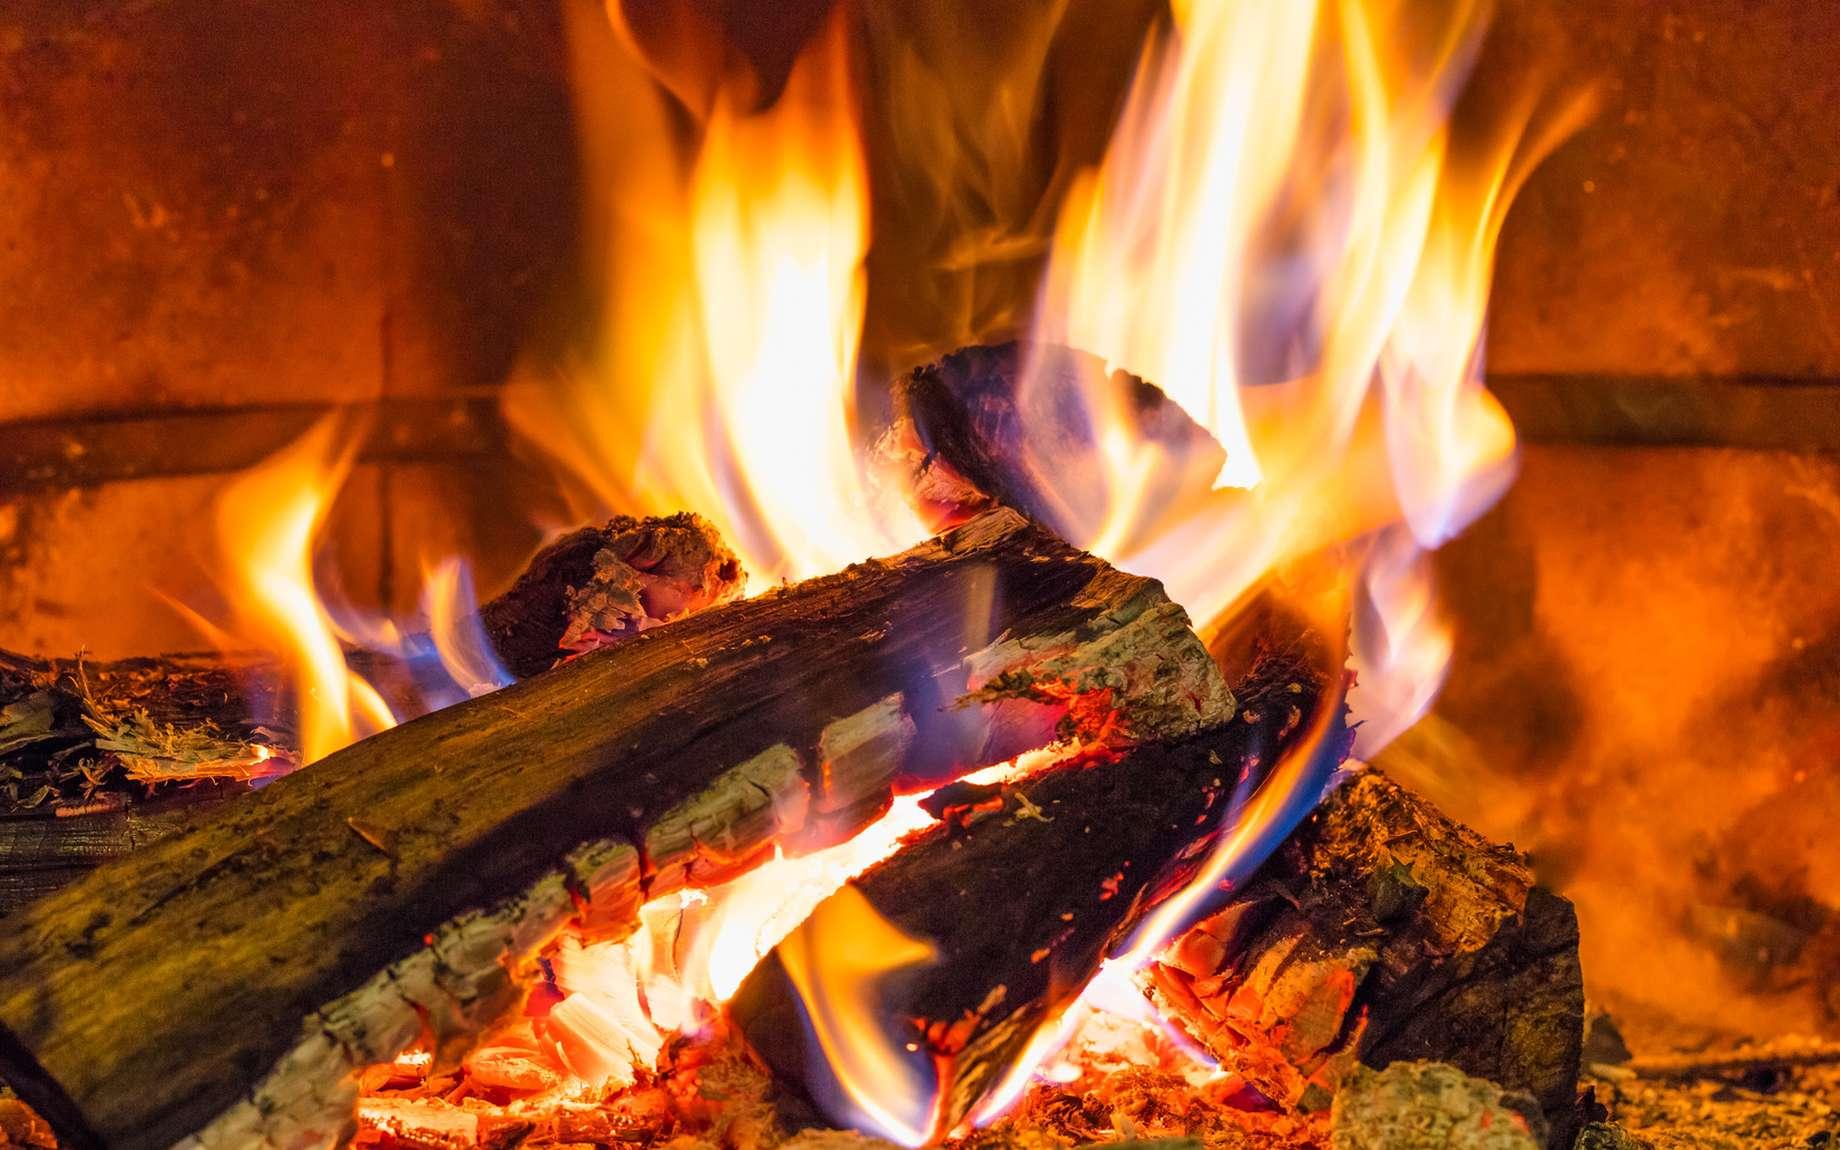 Un feu survient lorsque se produit une réaction d'oxydoréduction rapide. © Lobo_Images, fotolia